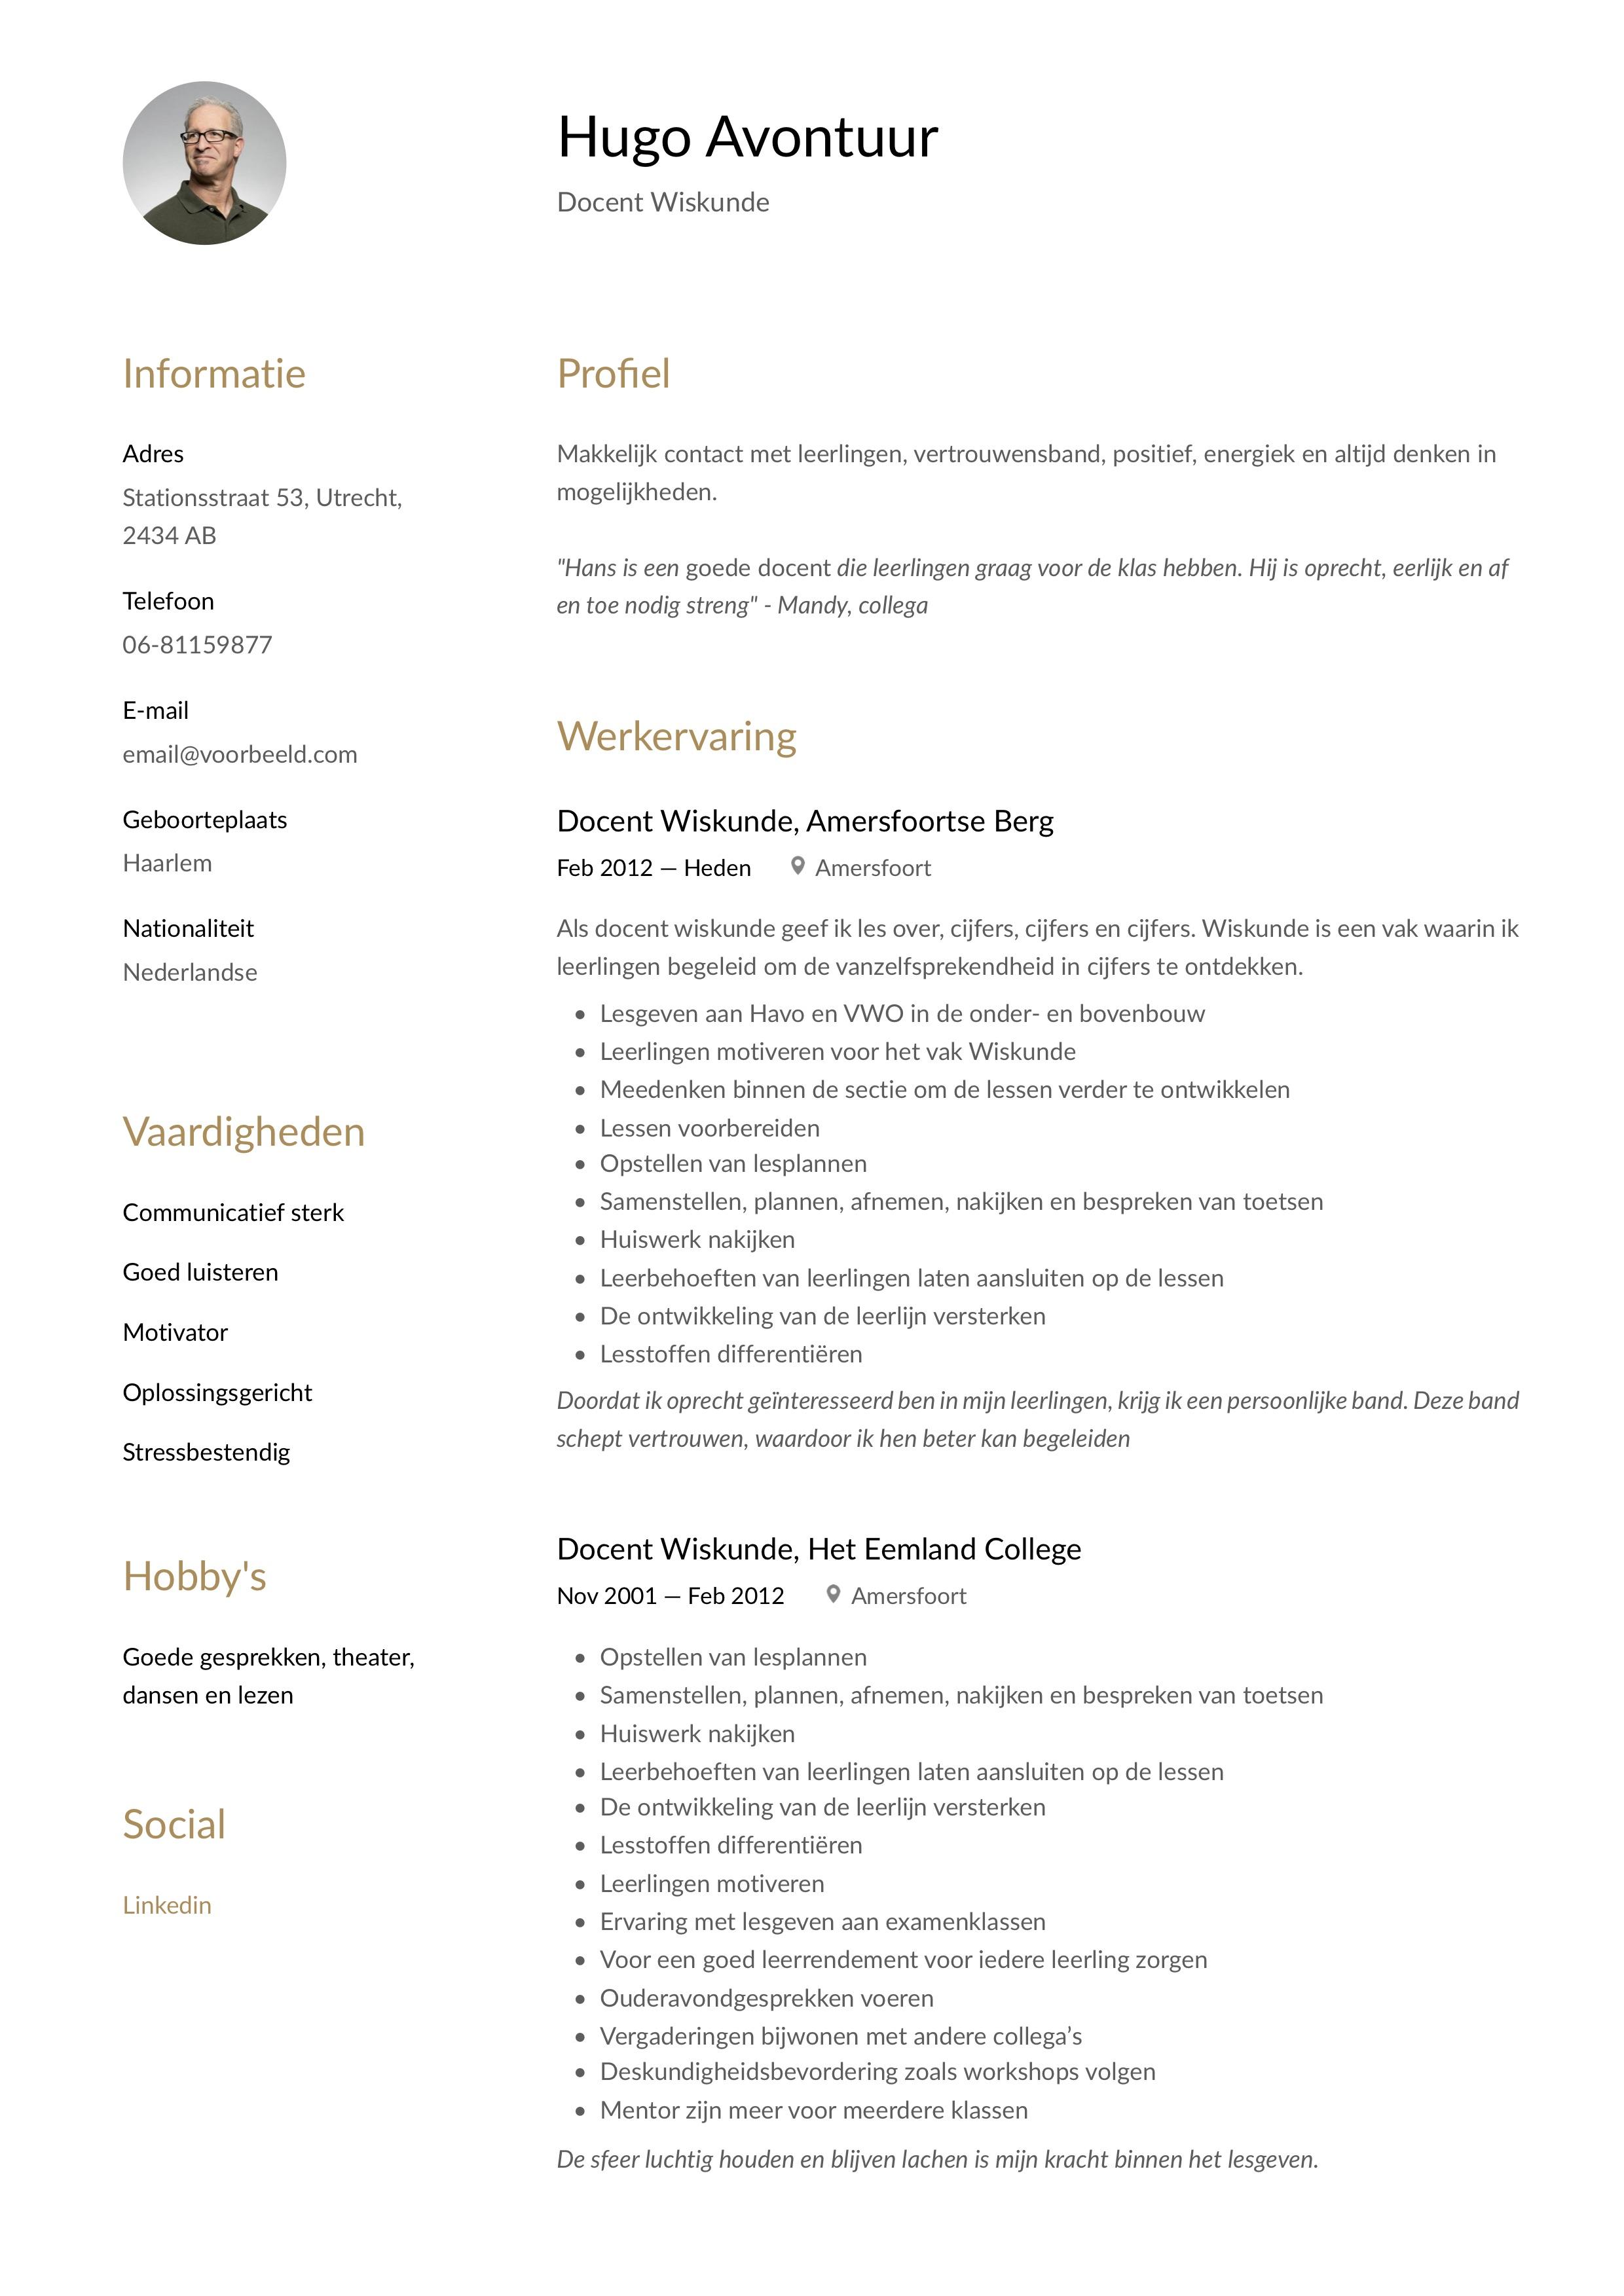 CV Voorbeeld Docent Wiskunde